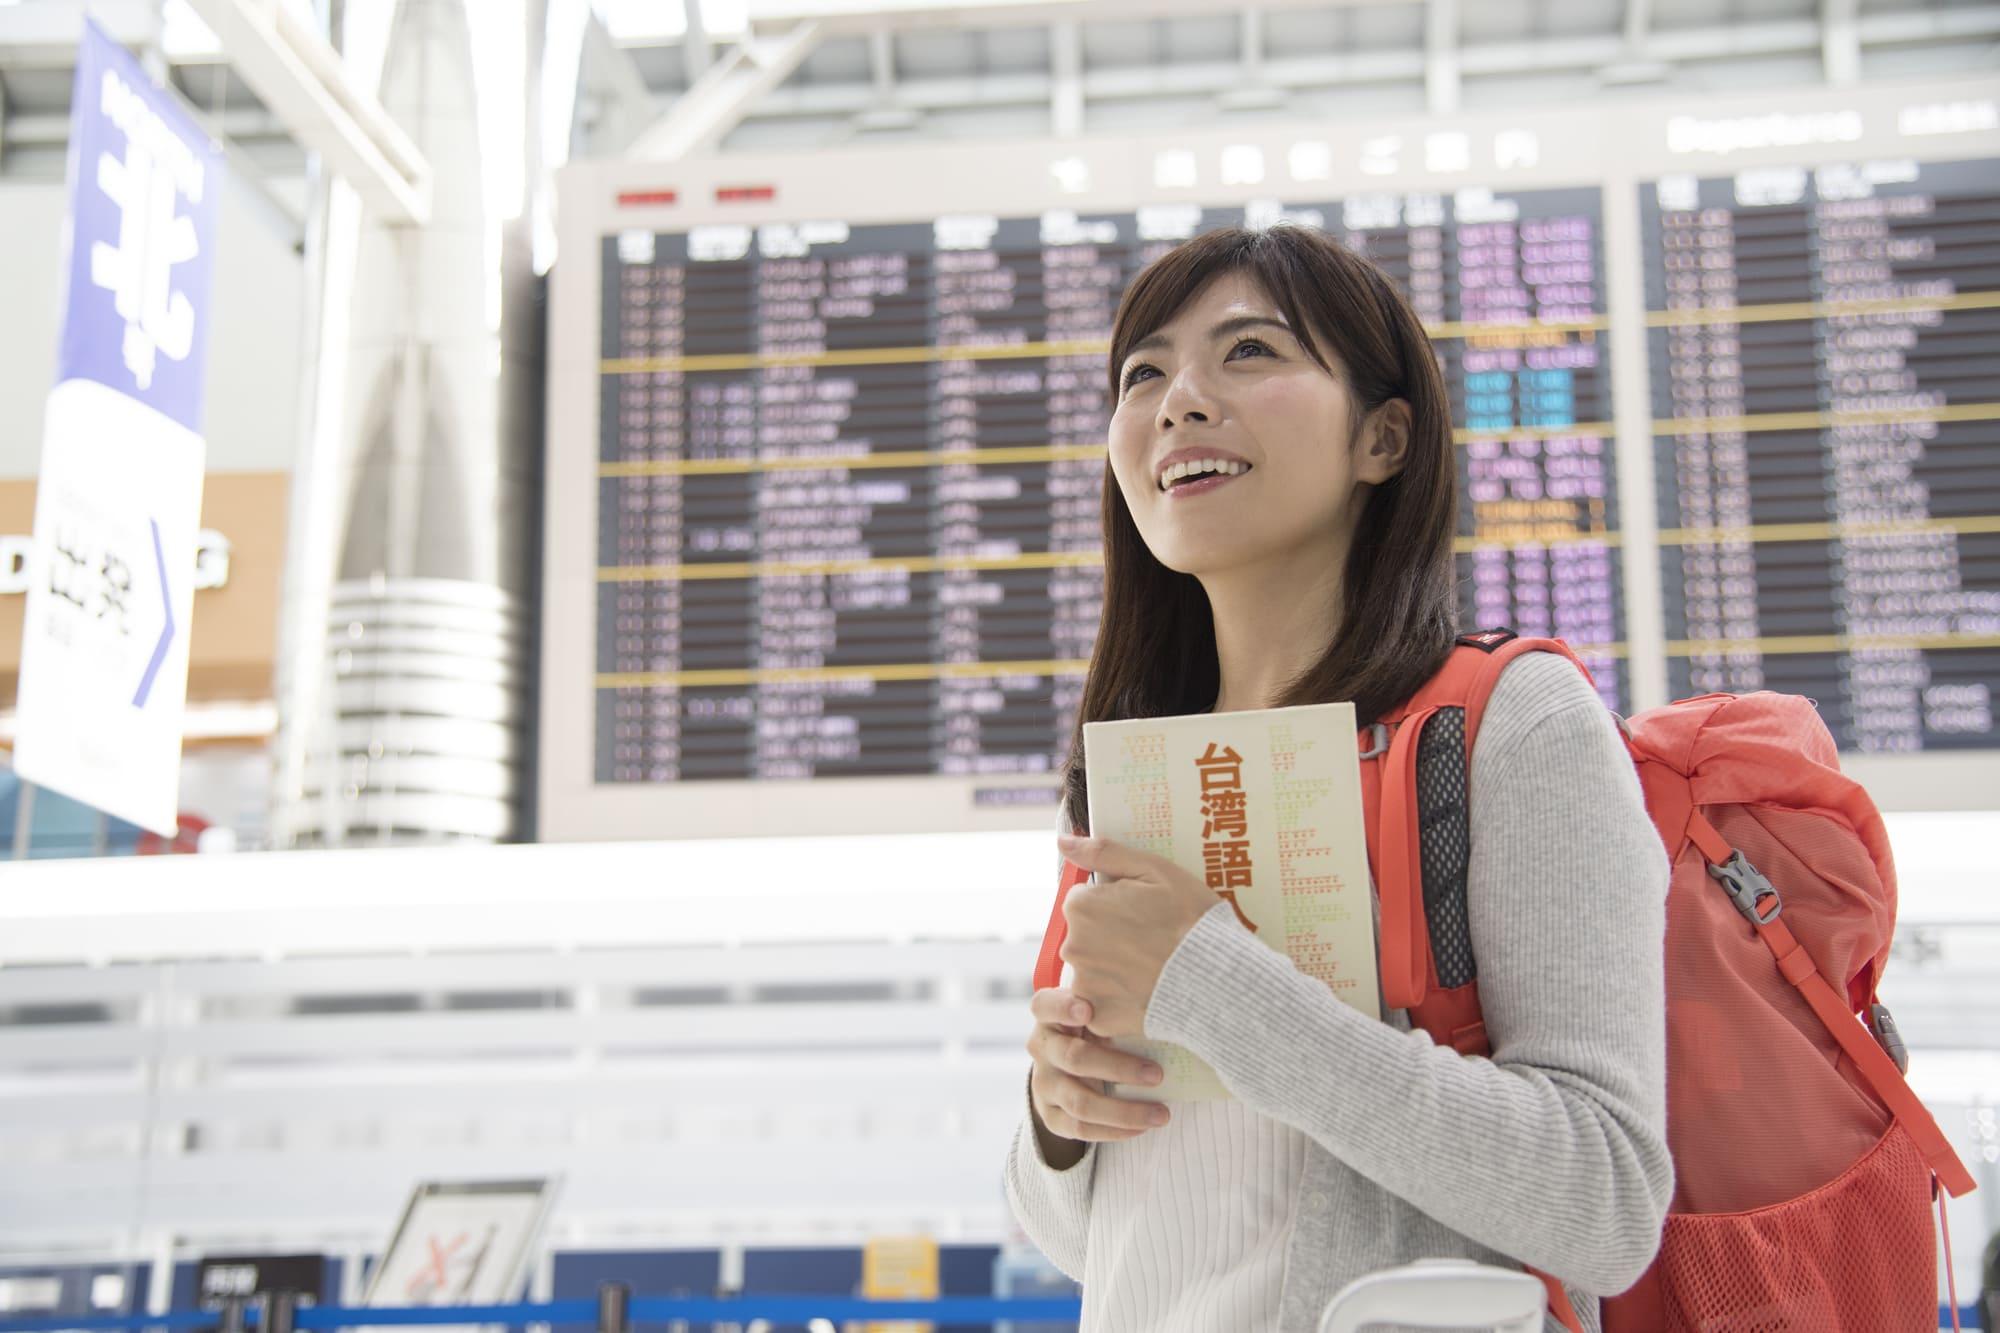 空港でリュックを背負い微笑む女性